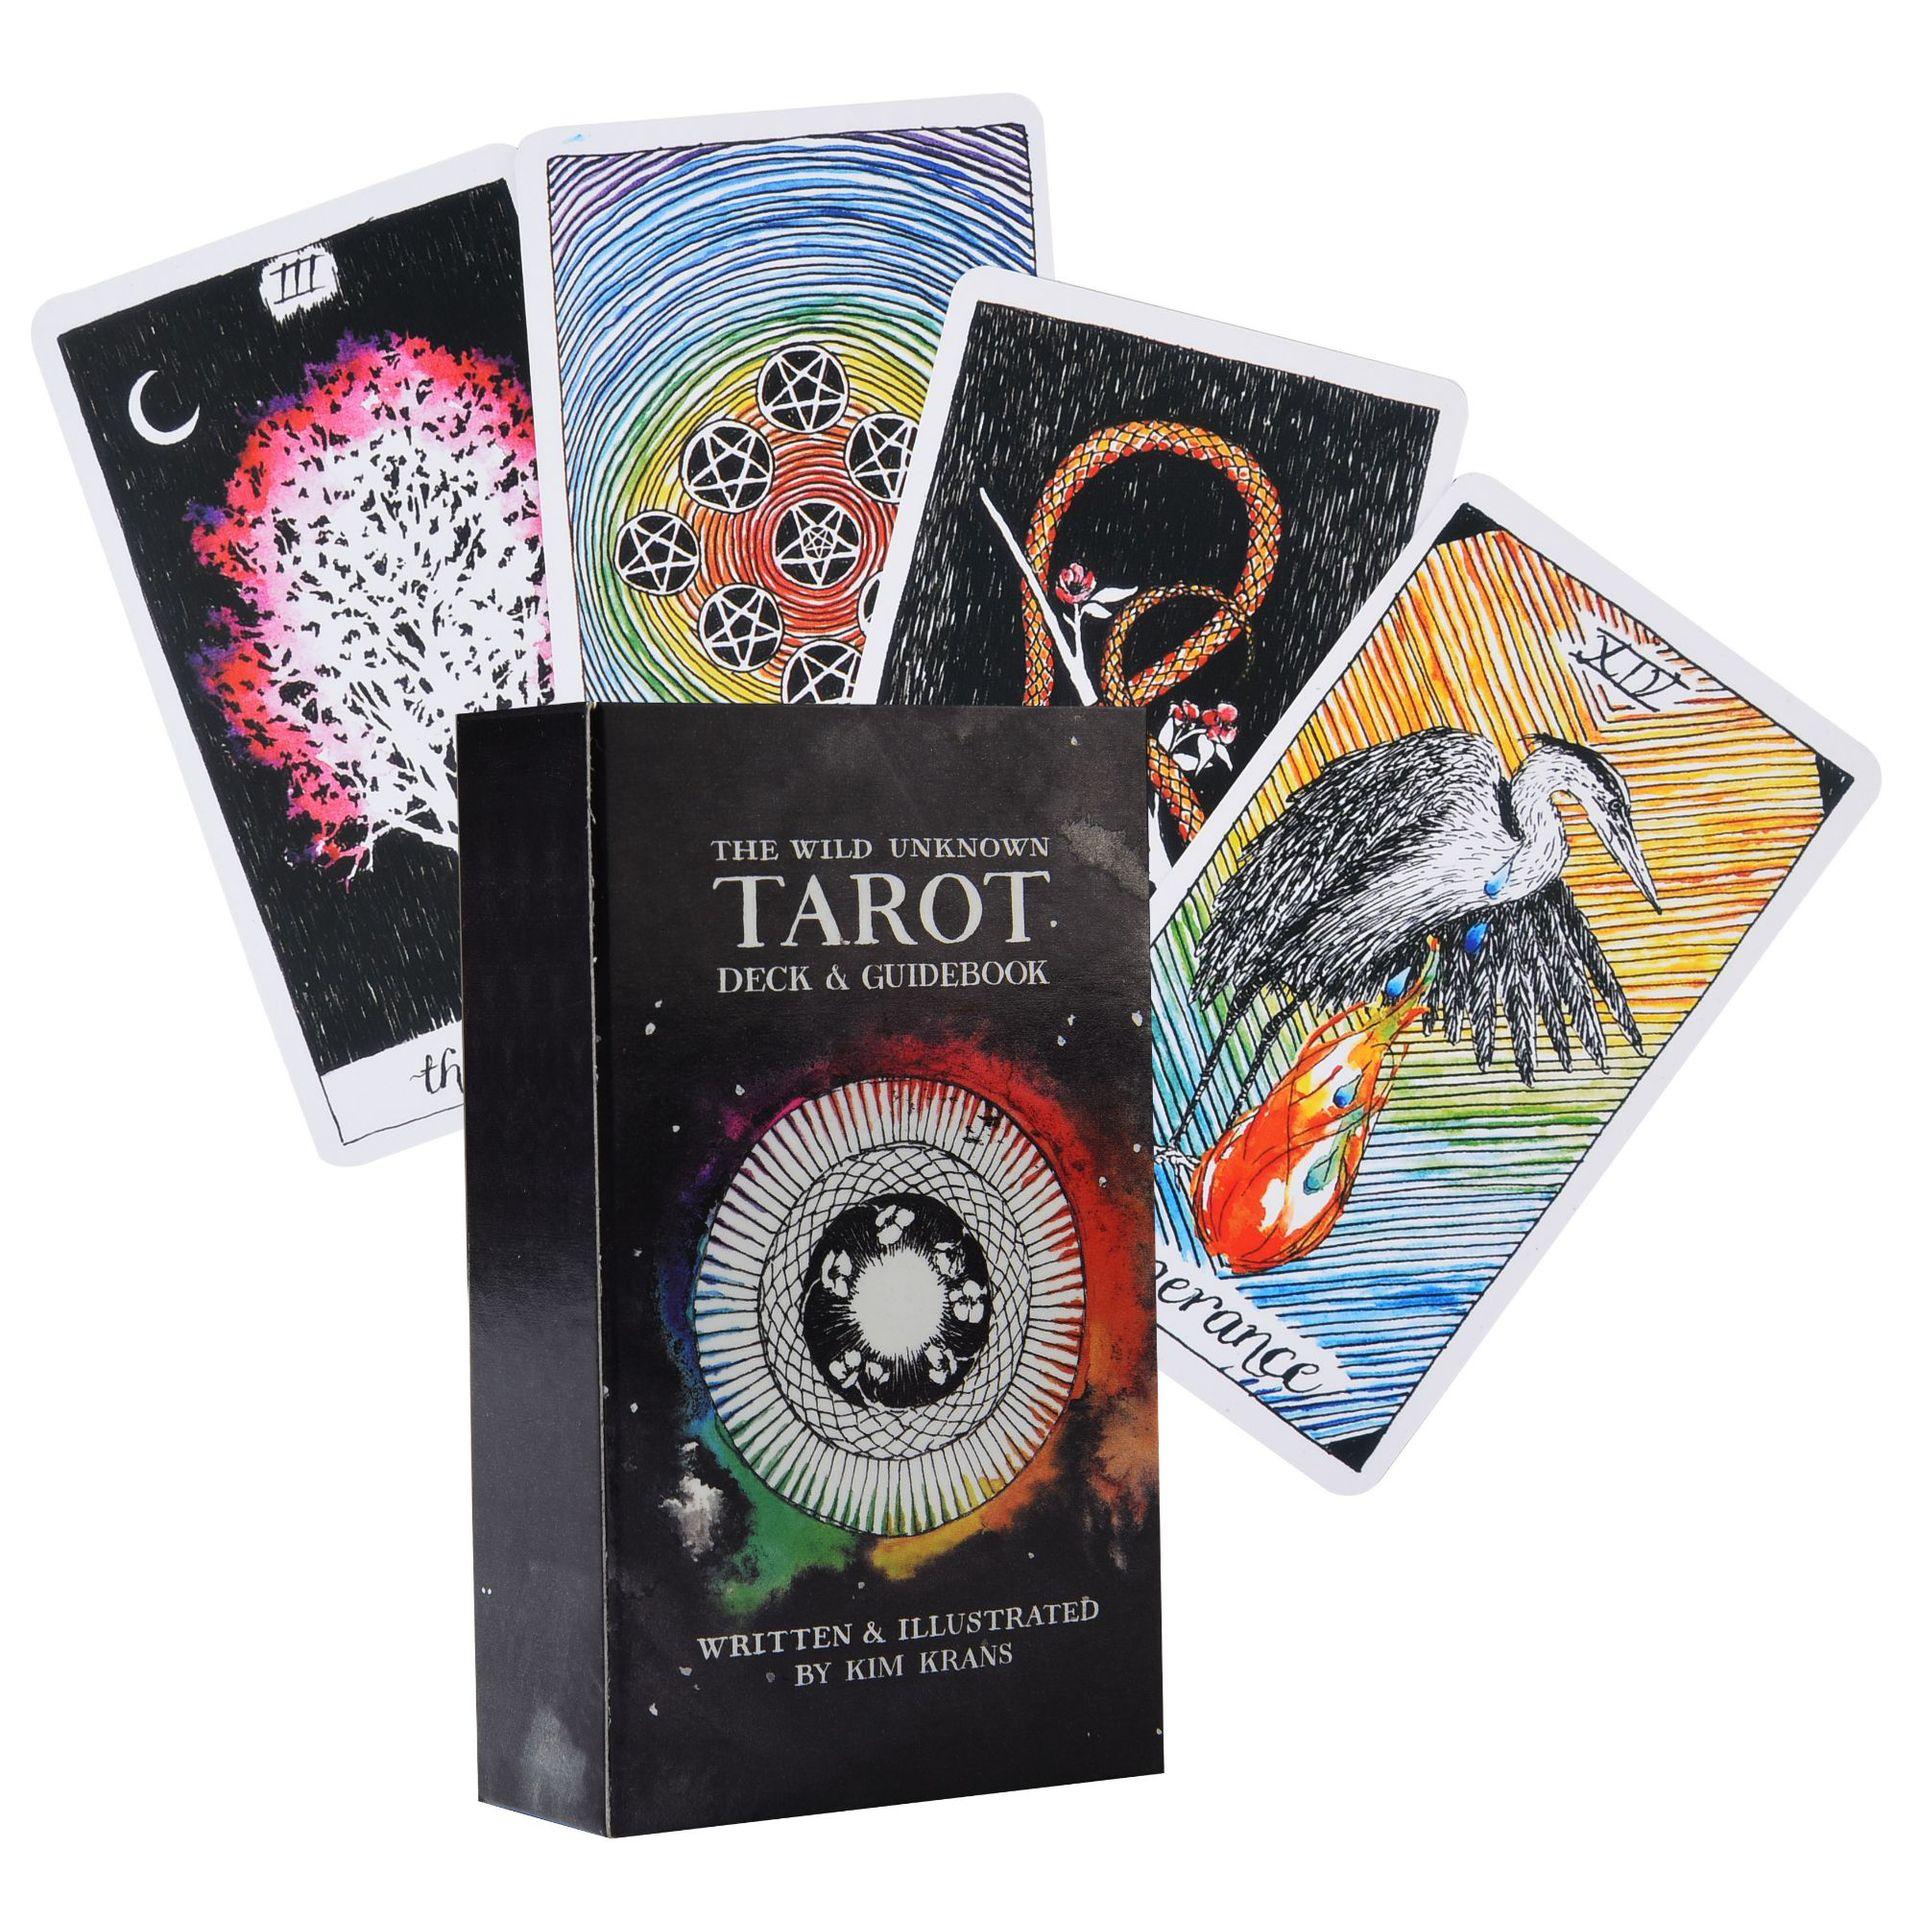 Карты Таро дикие неизвестные, колода с 78 картами, электронные руководители, доска для гадания, чтение любви, луна возле меня, начинающие